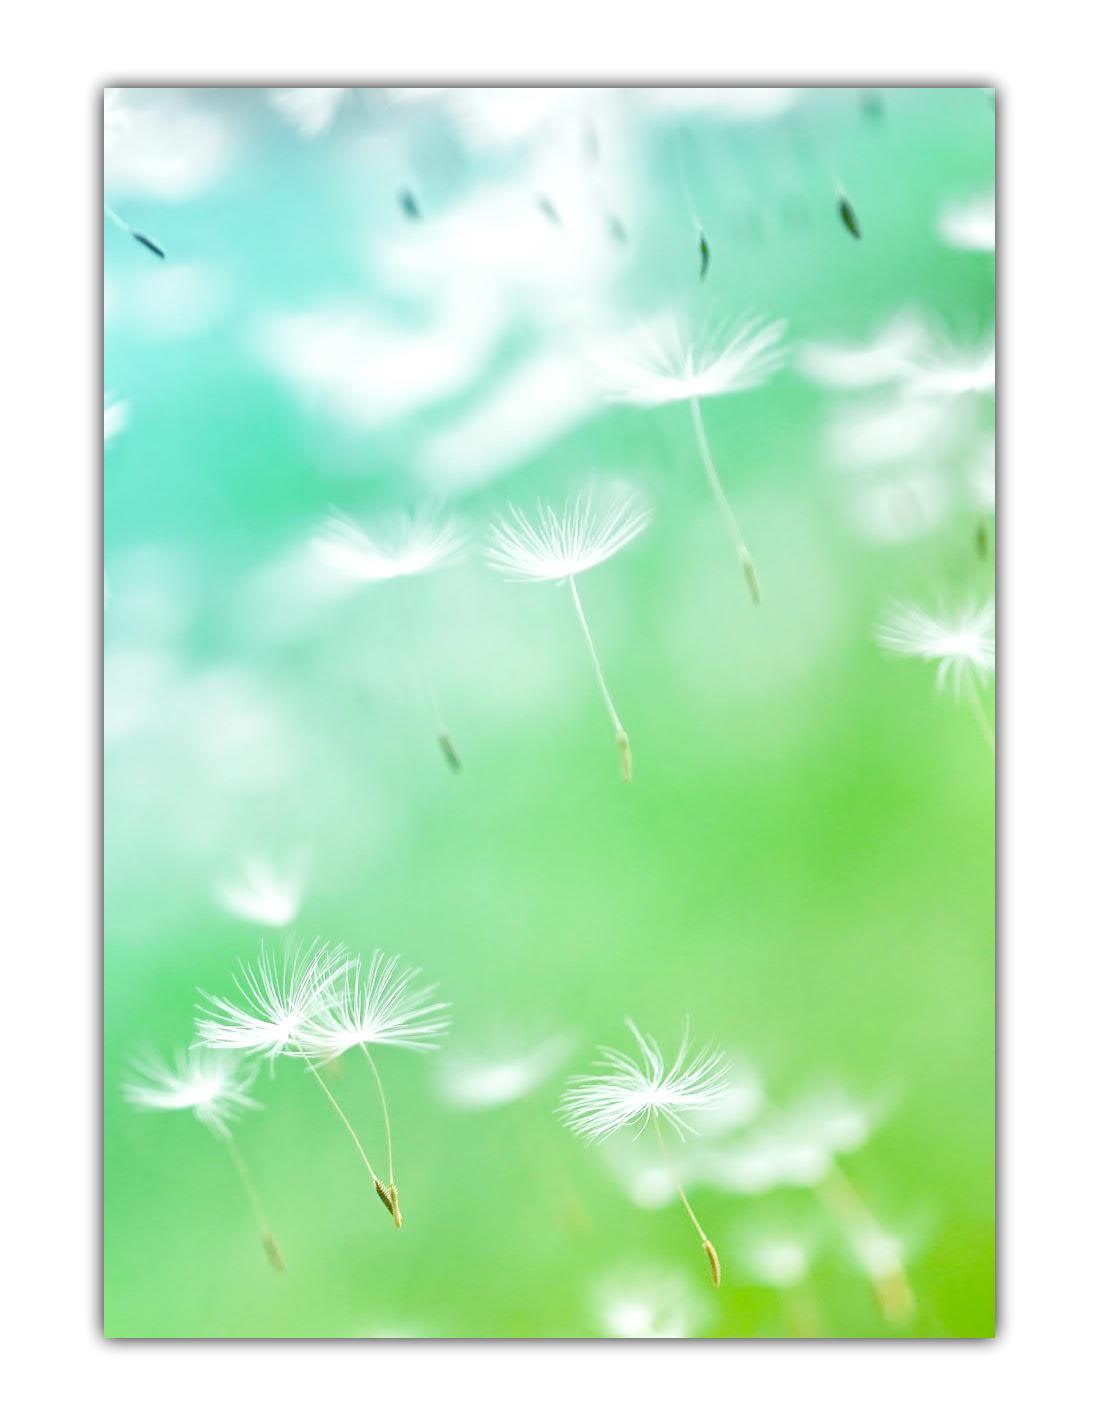 Blumen Motivpapier Briefpapier Pusteblumen im Wind (MPA-5201, DIN A4, 100 Blatt)